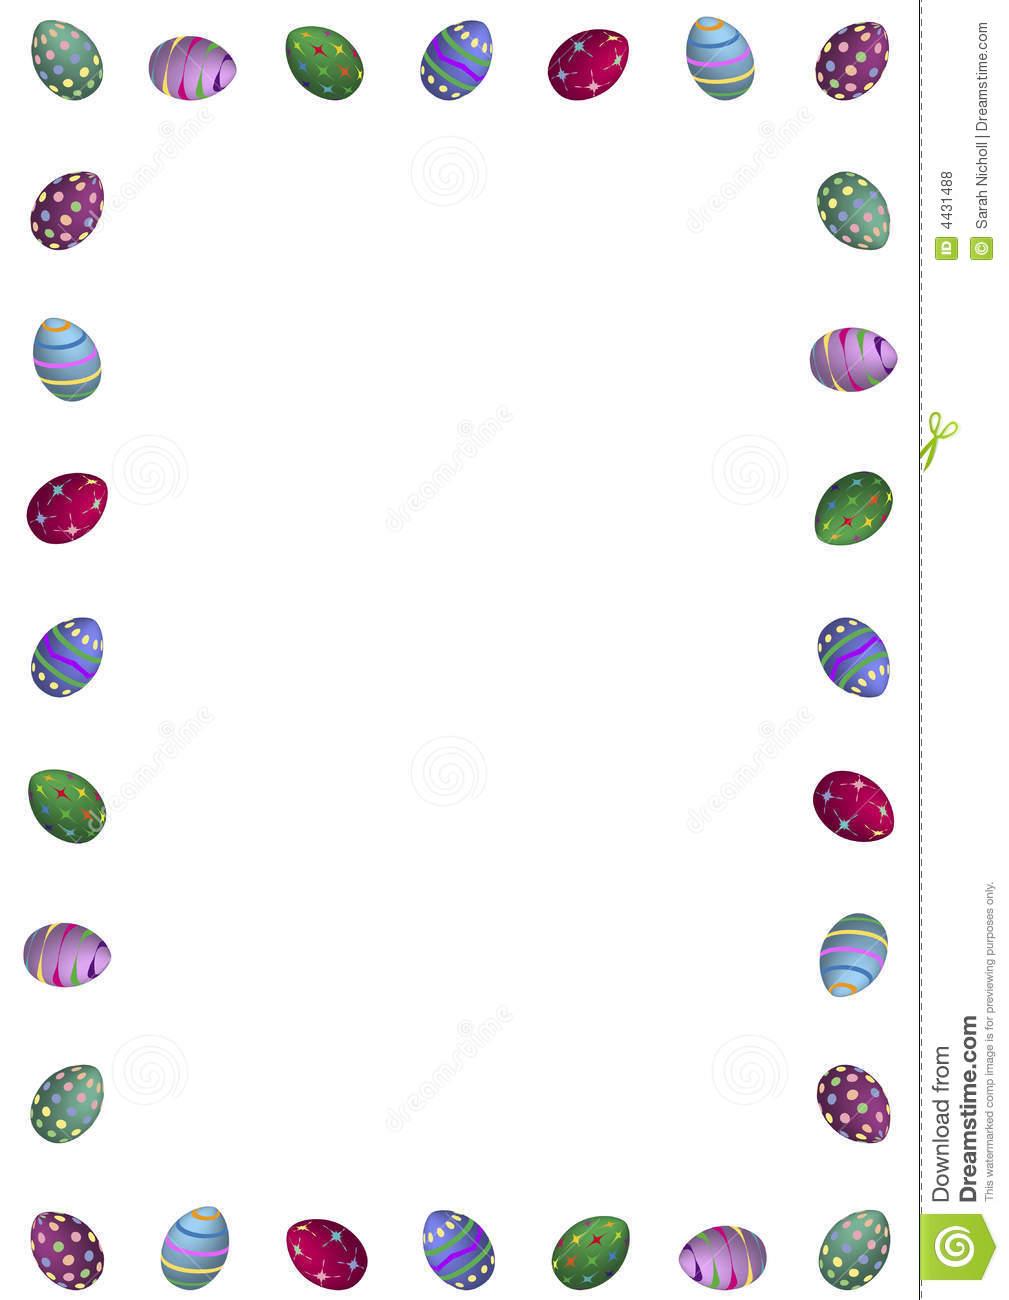 Easter Egg Border Clipart Modern Easter Egg Border #FUG4Dg ...